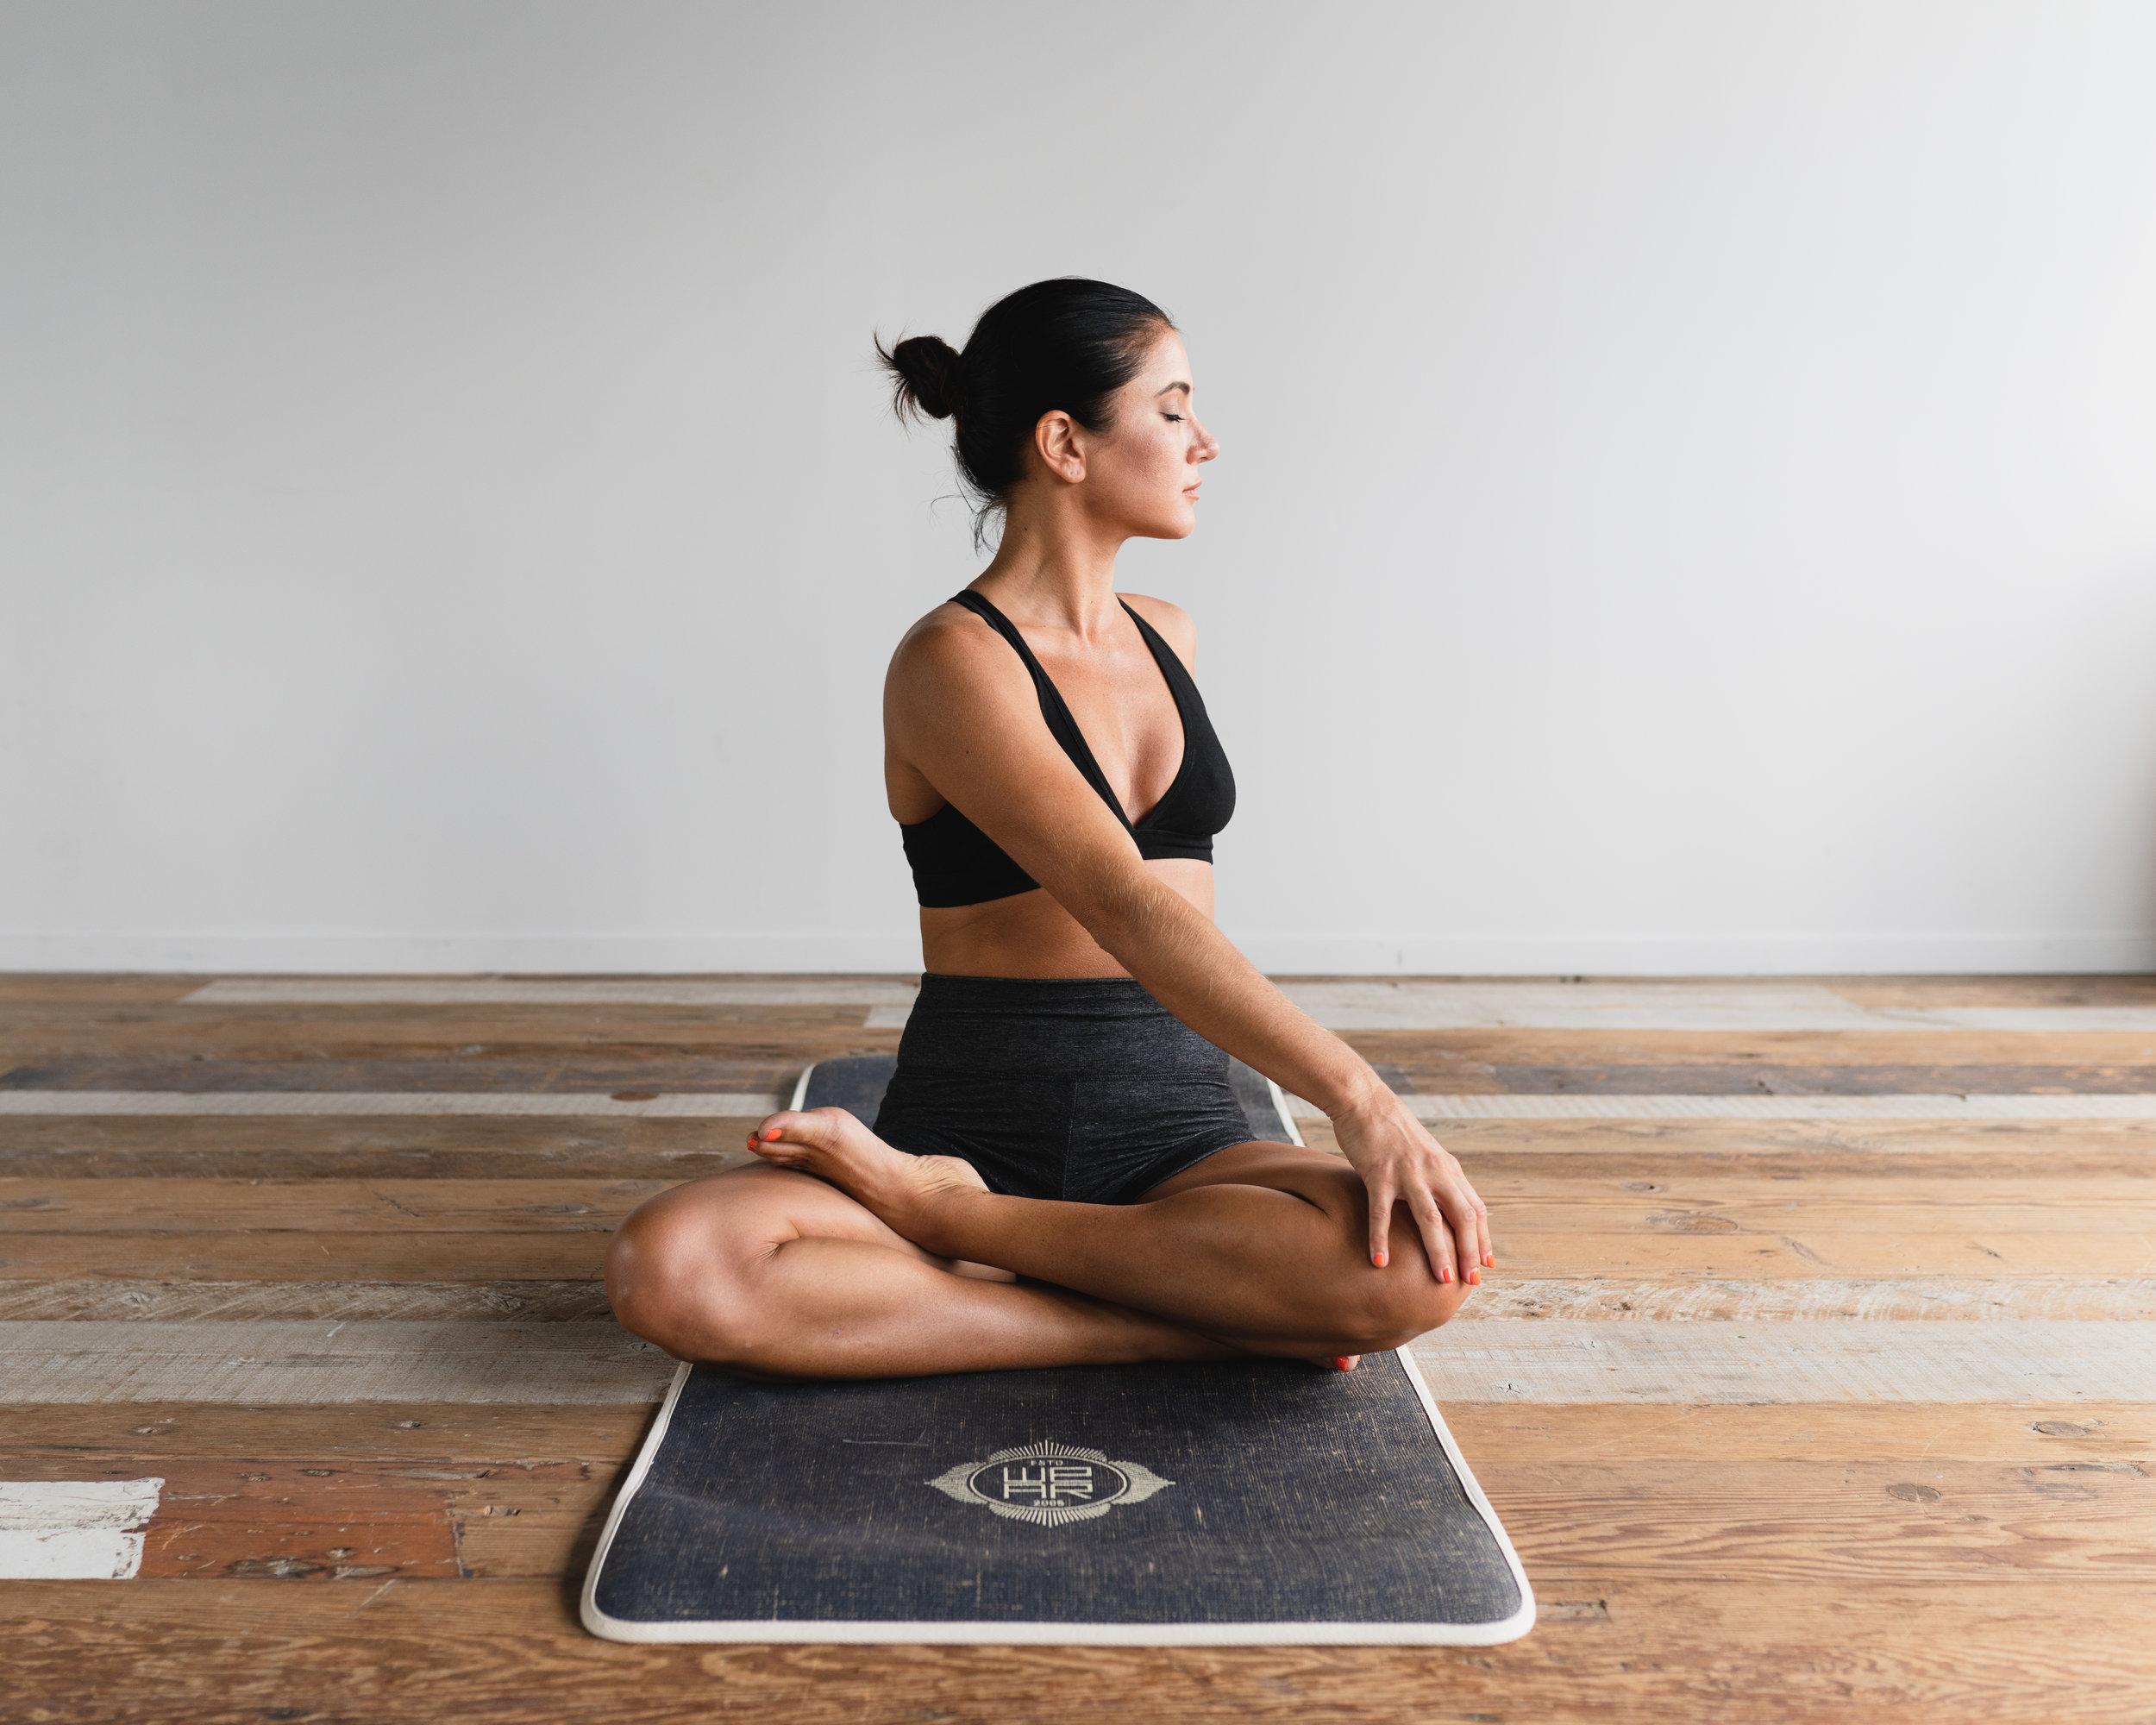 YOGA - Cours de yoga quotidien optionnel. Les avantages sont une flexibilité accrue, une force et un tonus musculaires, de l'énergie et de la vitalité.